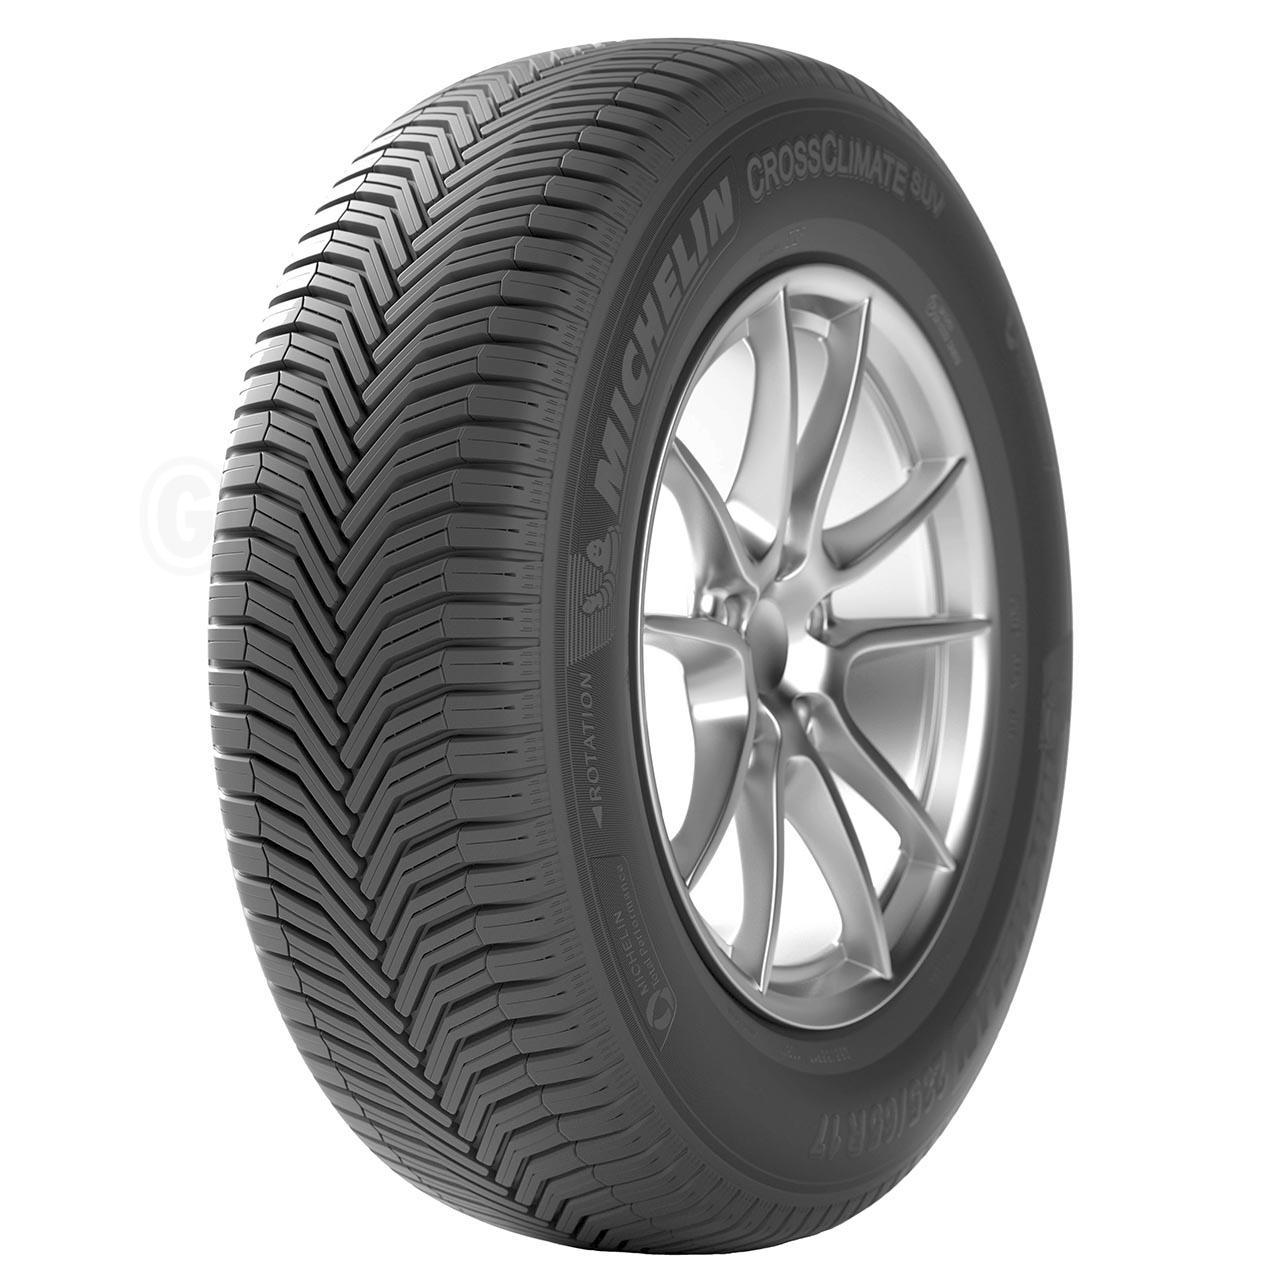 Michelin Crossclimate SUV 235/65R17 104V MO